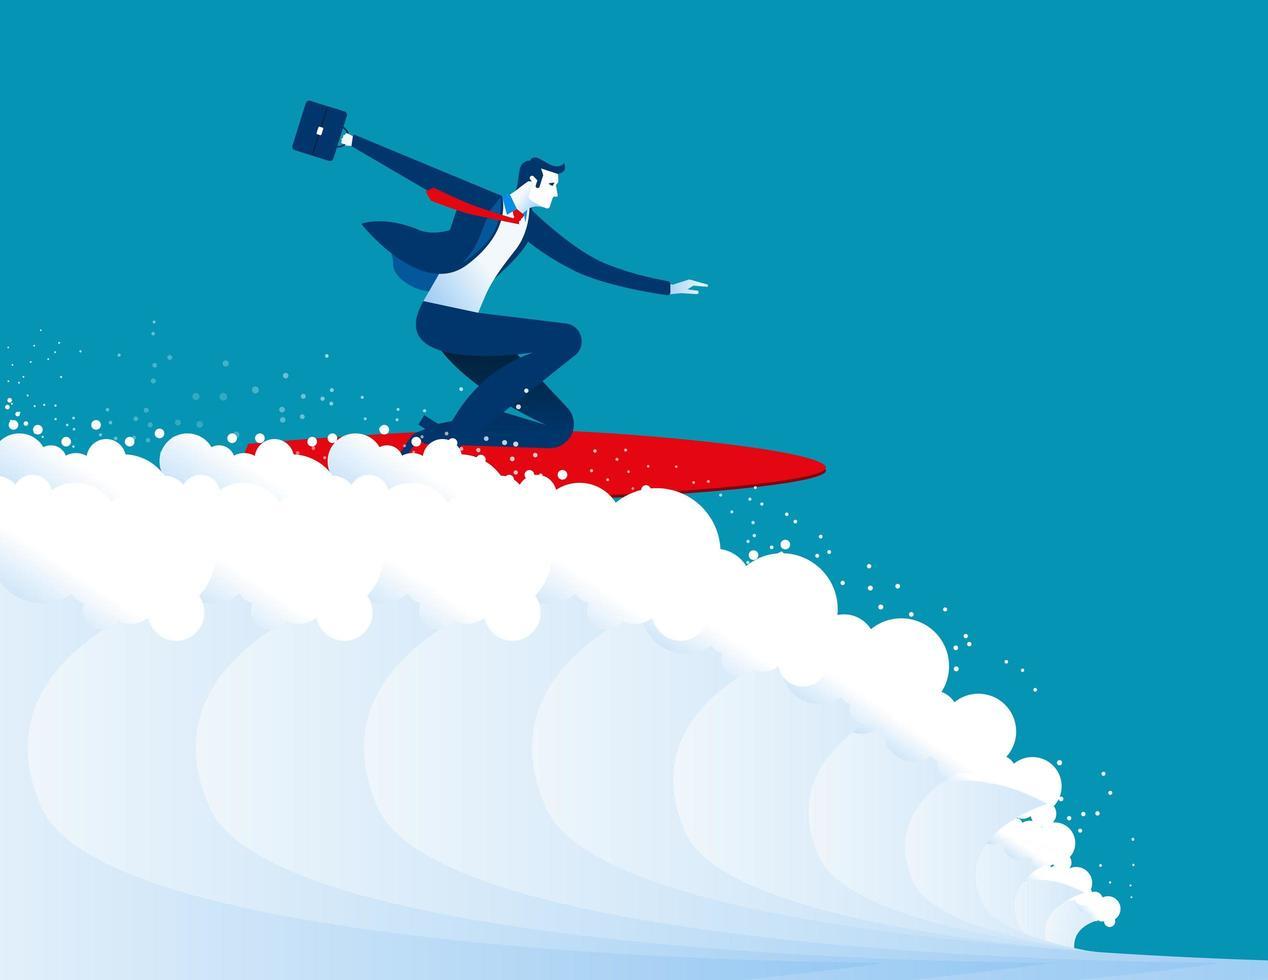 Businessmen Surfing Top of Wave vector